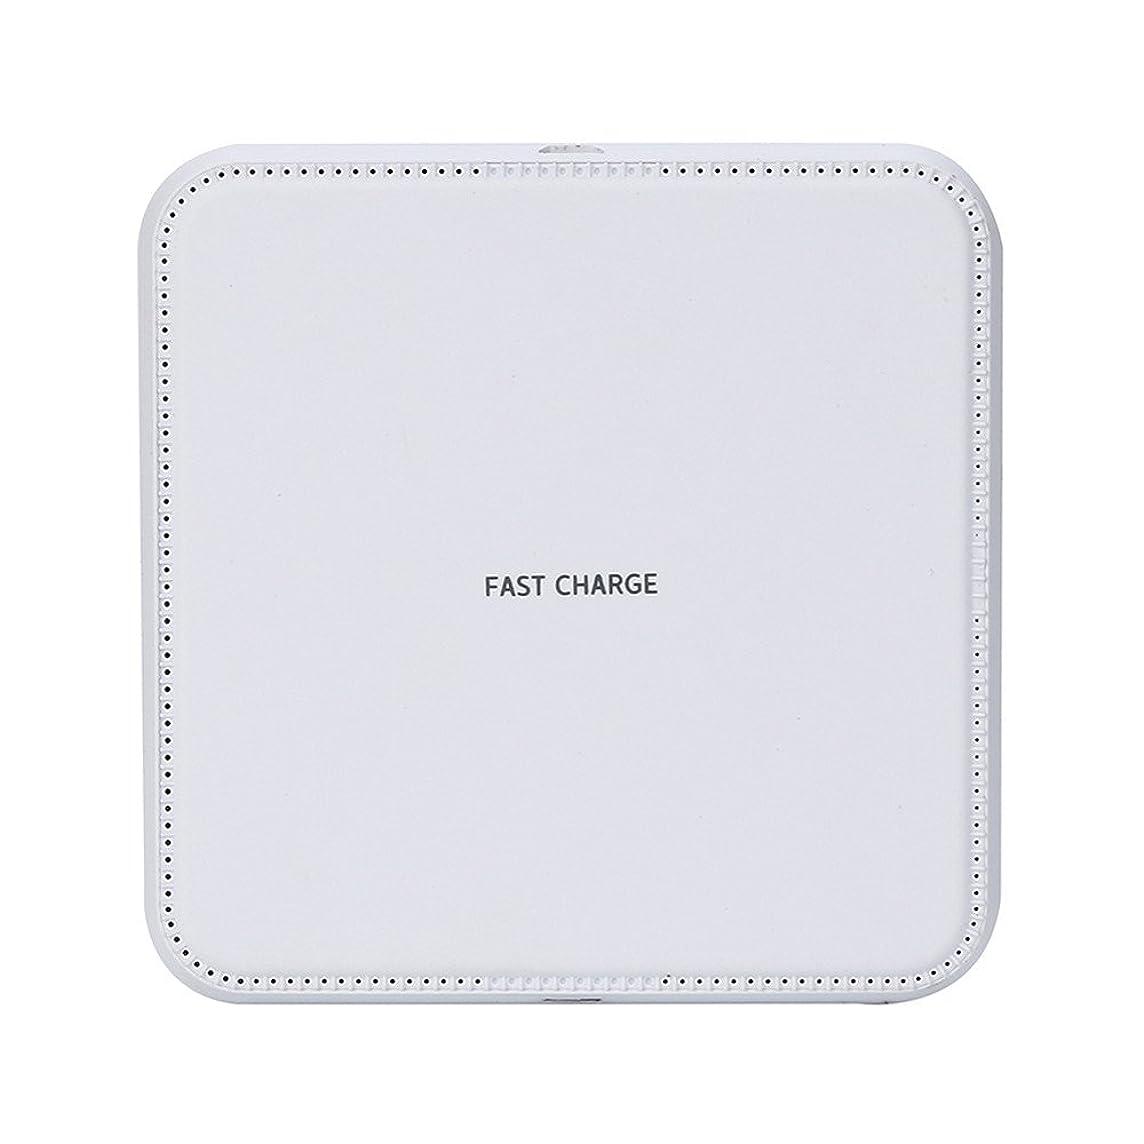 テキスト十億サンダルレンコス(Lemcos) ワイヤレス充電器 Qi 急速充電器 過熱保護 軽量、ポータブル、家庭、オフィス 持ち運び可能 CE/FCC/RoHS認証済み 人間工学 ワイヤレスチャージャー 充電パッドiPhone X/iPhone XS/iPhone XR/iPhone XS Max、Galaxy S9/S9 Plus/Note9/Note8/S8/S8 Plus/S7/S7 Edge/Note 5/S9 Edge PlusなどQI機種対応 Qi認証済み